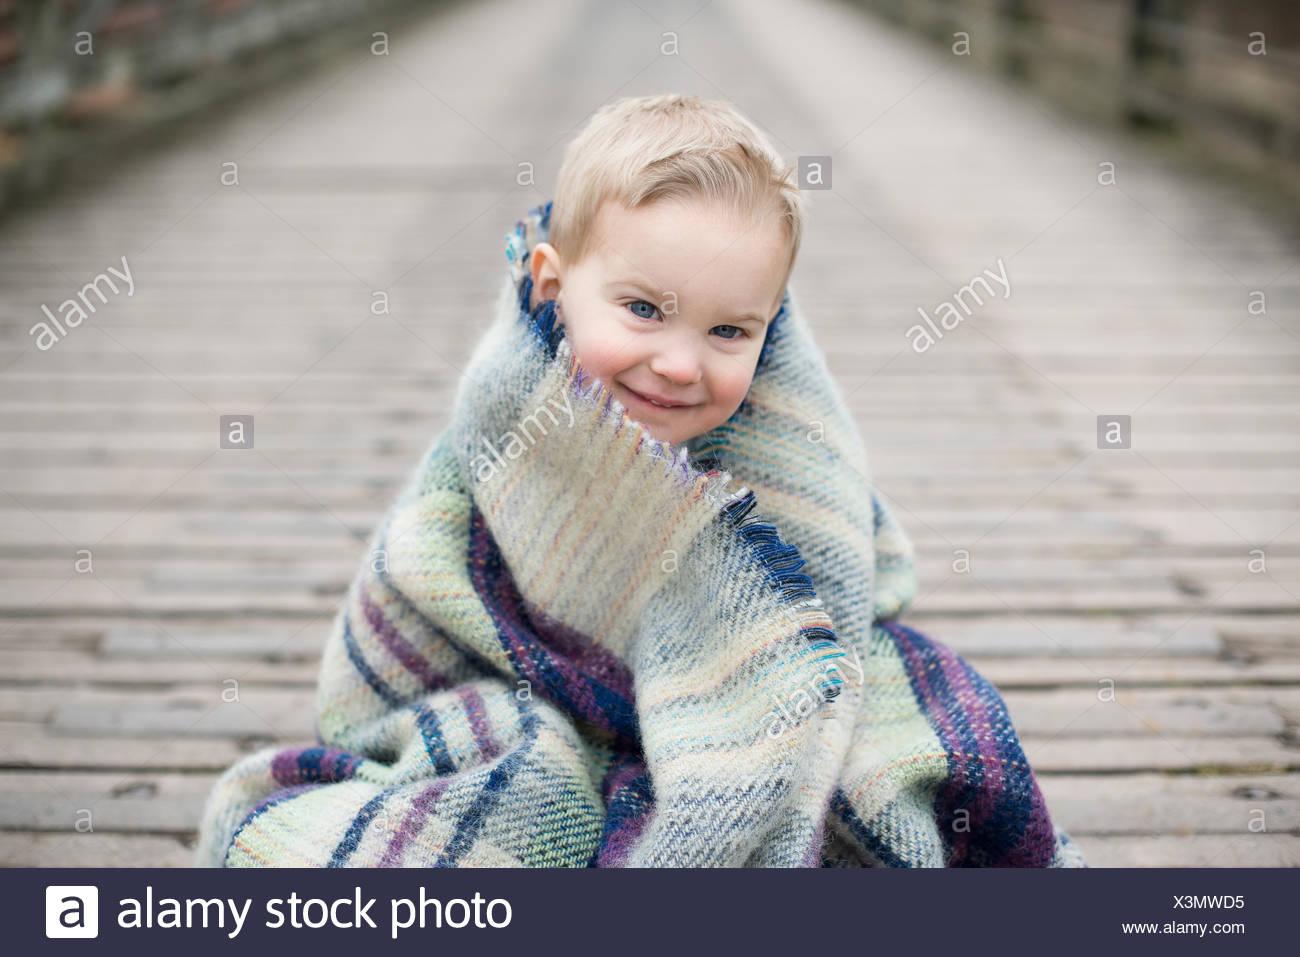 Bildnis eines Knaben in Decke gehüllt, sitzen auf einer Holzbrücke Stockbild